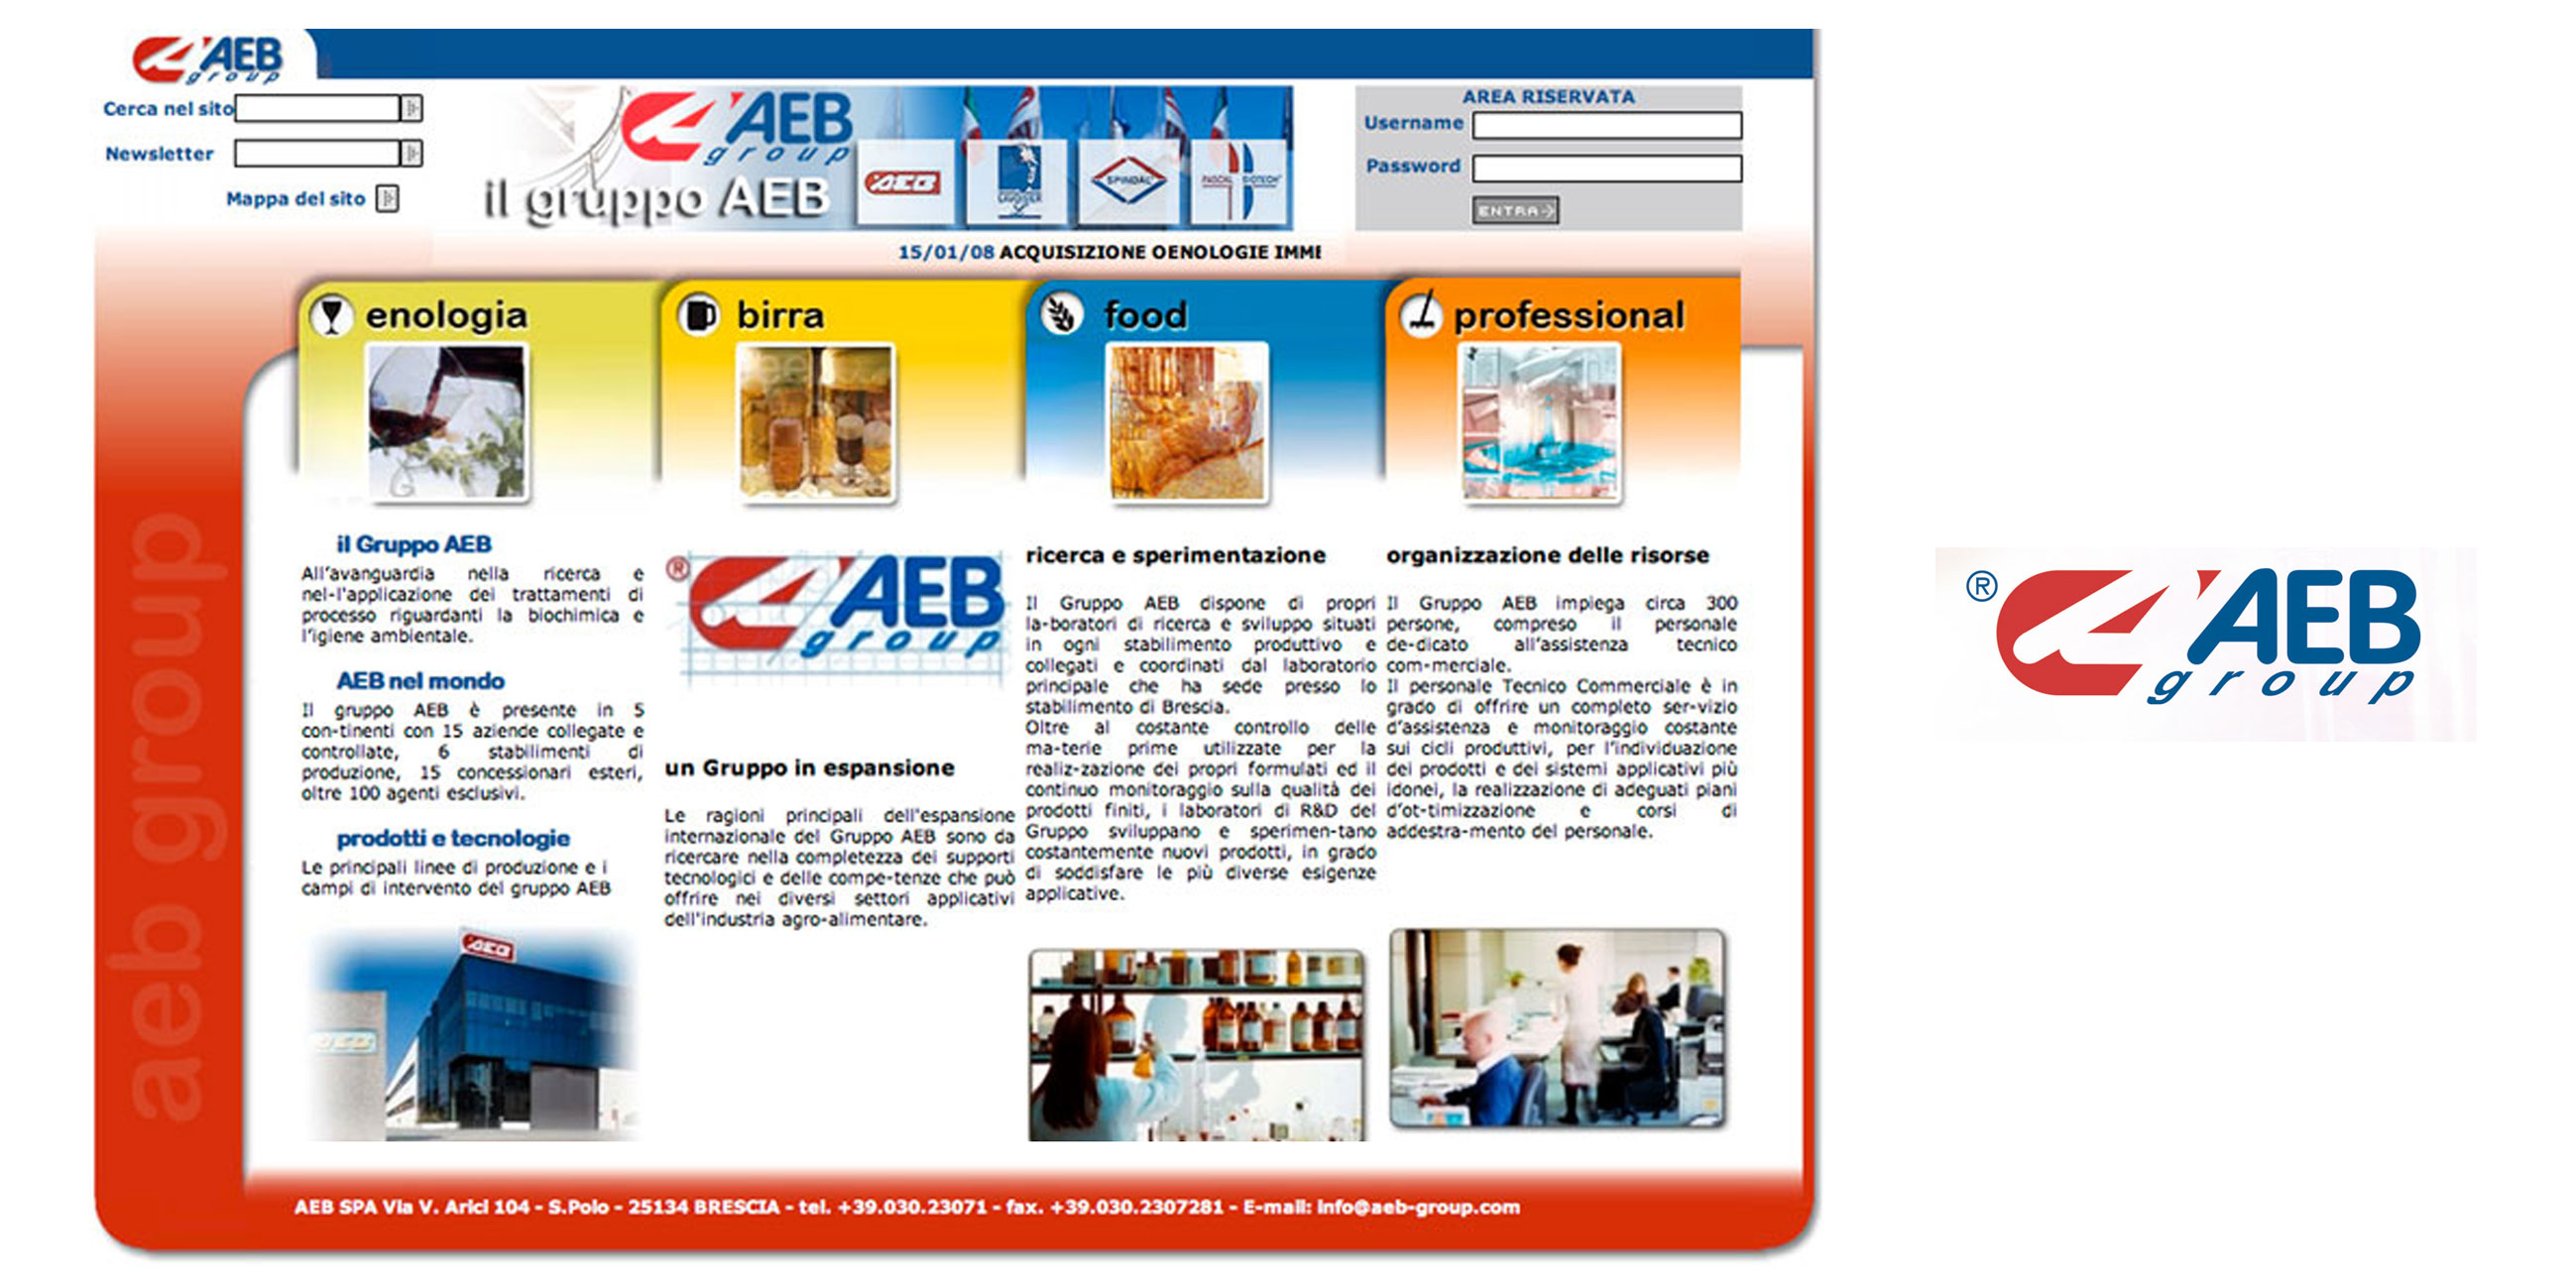 aeb-website